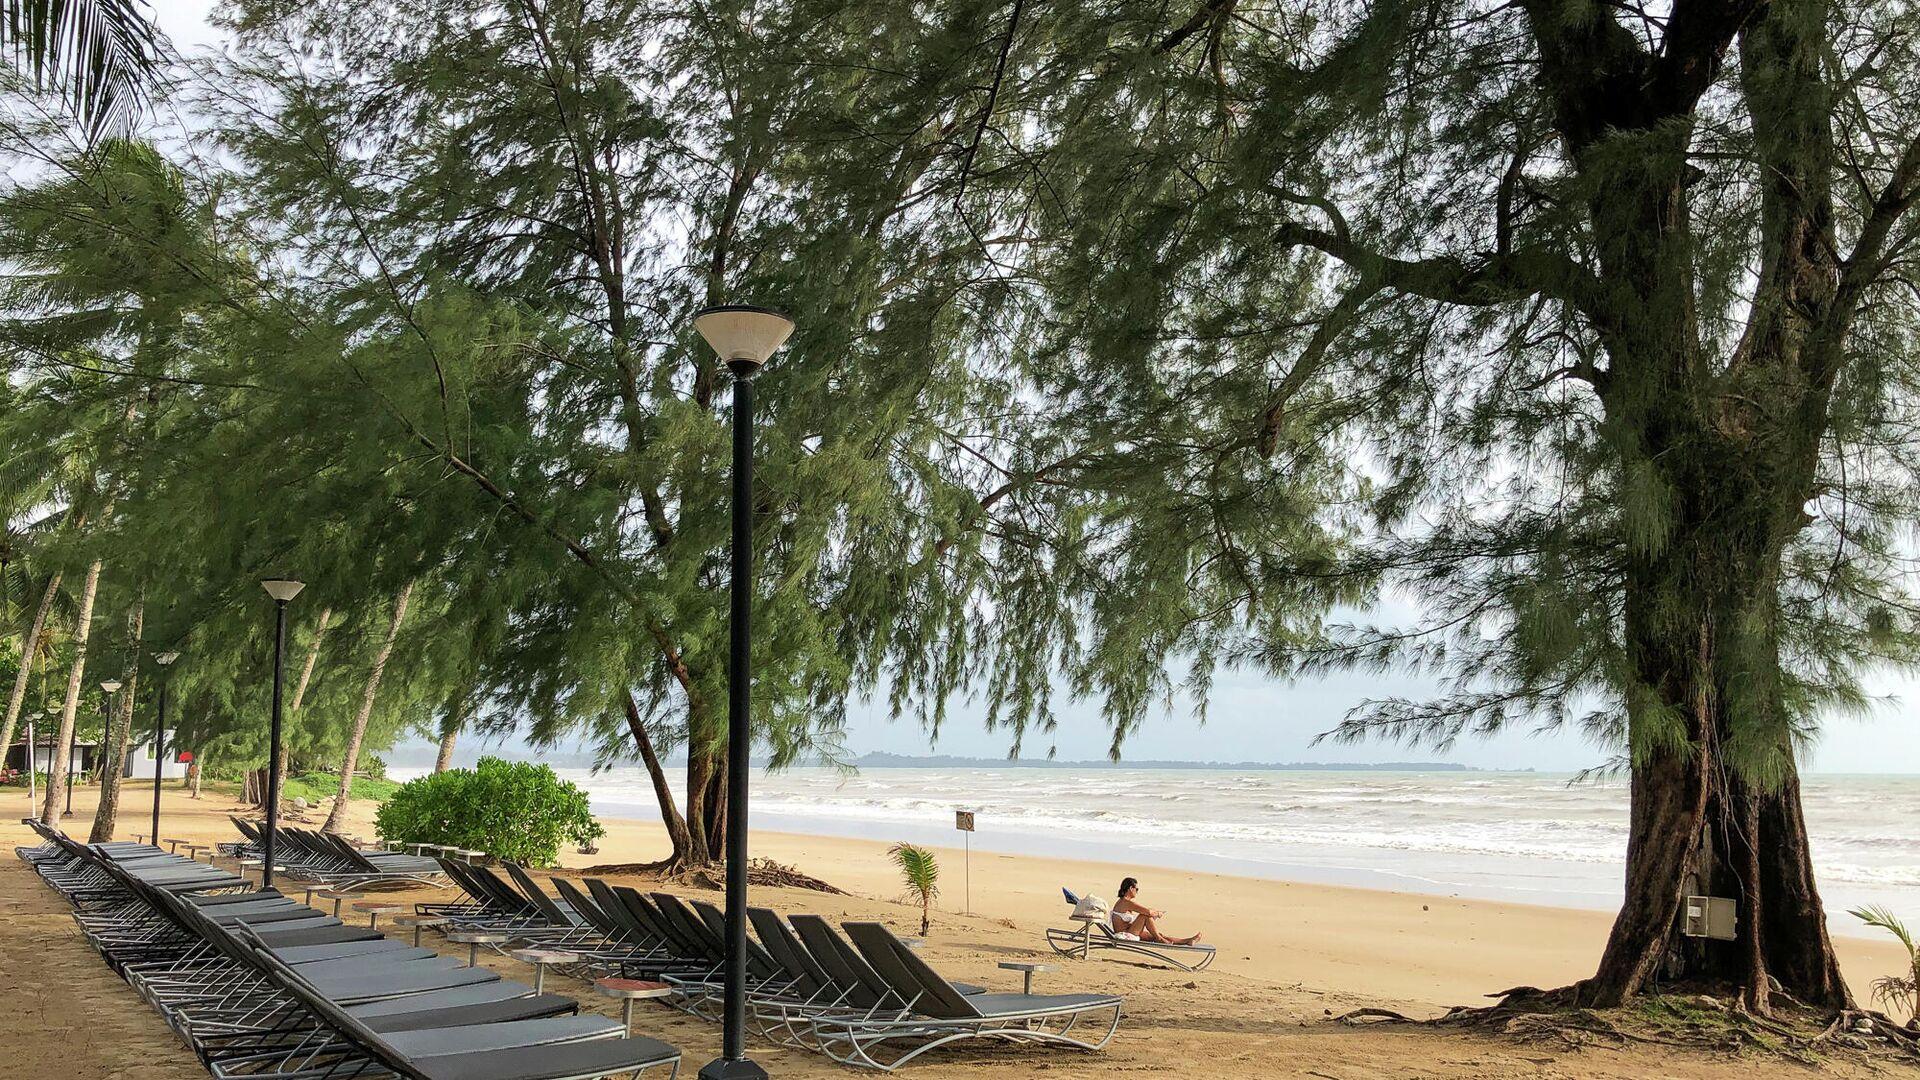 1559094694 0:188:2000:1313 1920x0 80 0 0 17572c94f9b0a3d4d50b26ded07ccd8f - В Таиланде туристу грозит тюрьма за отрицательные отзывы об отеле